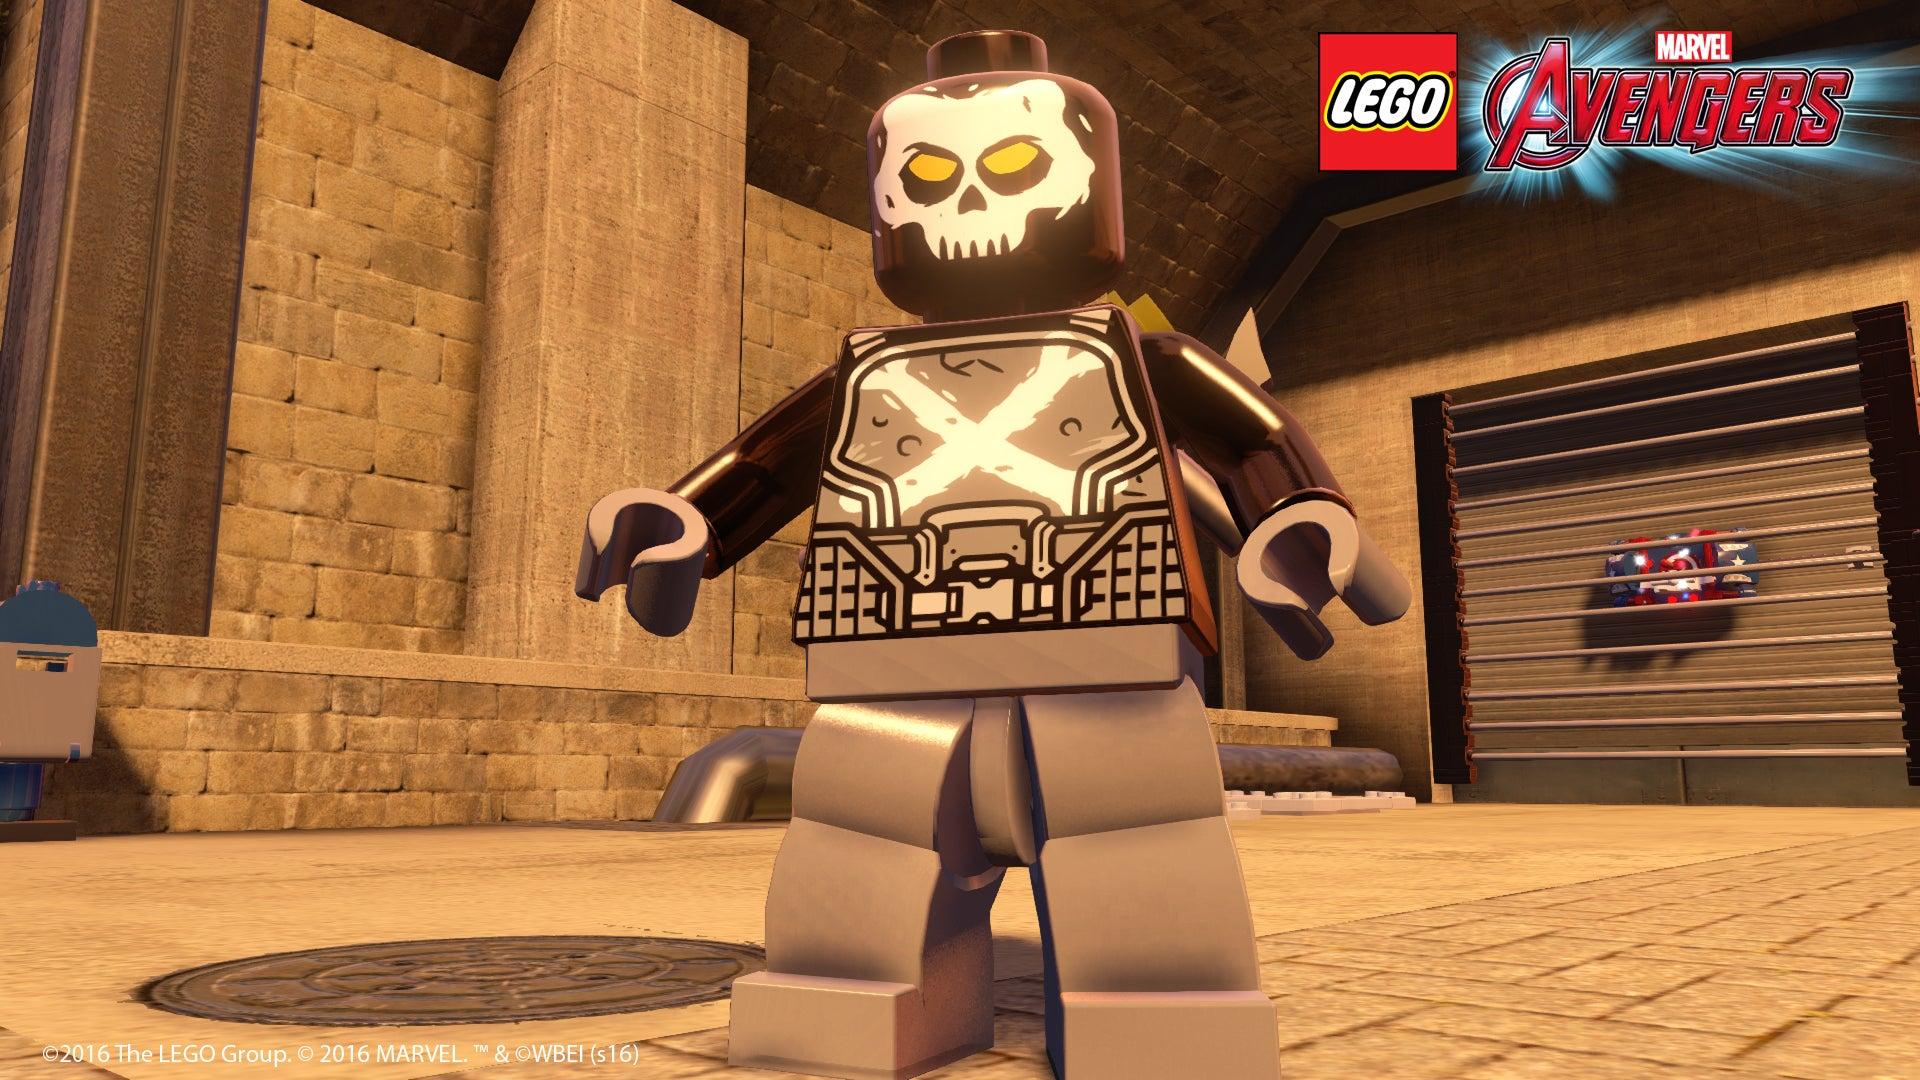 Image for Lego Marvel Avengers shakes up UK chart